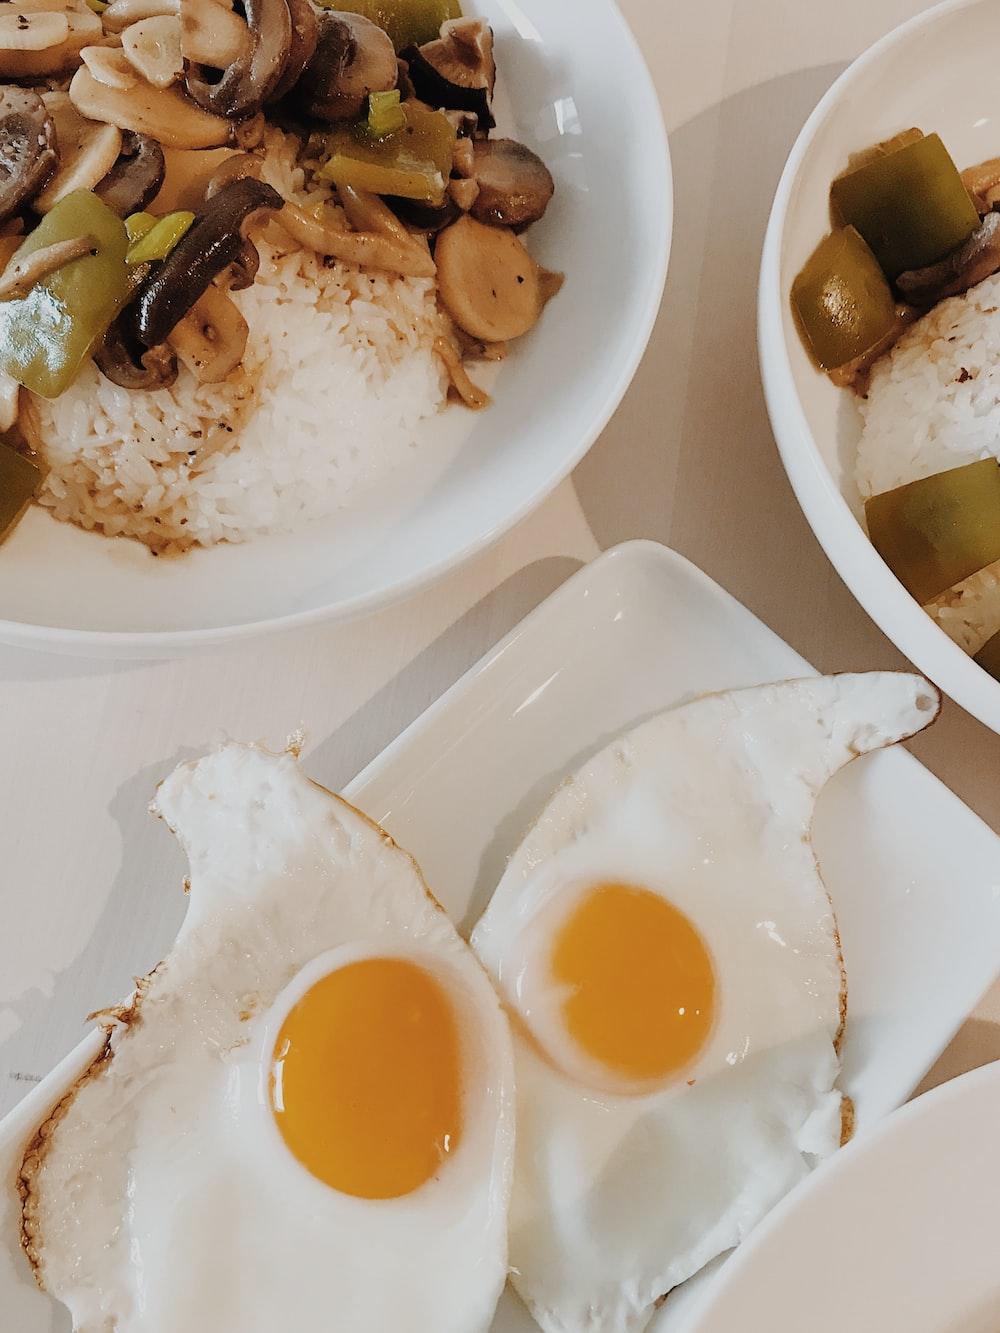 sunny side up egg on white ceramic plate